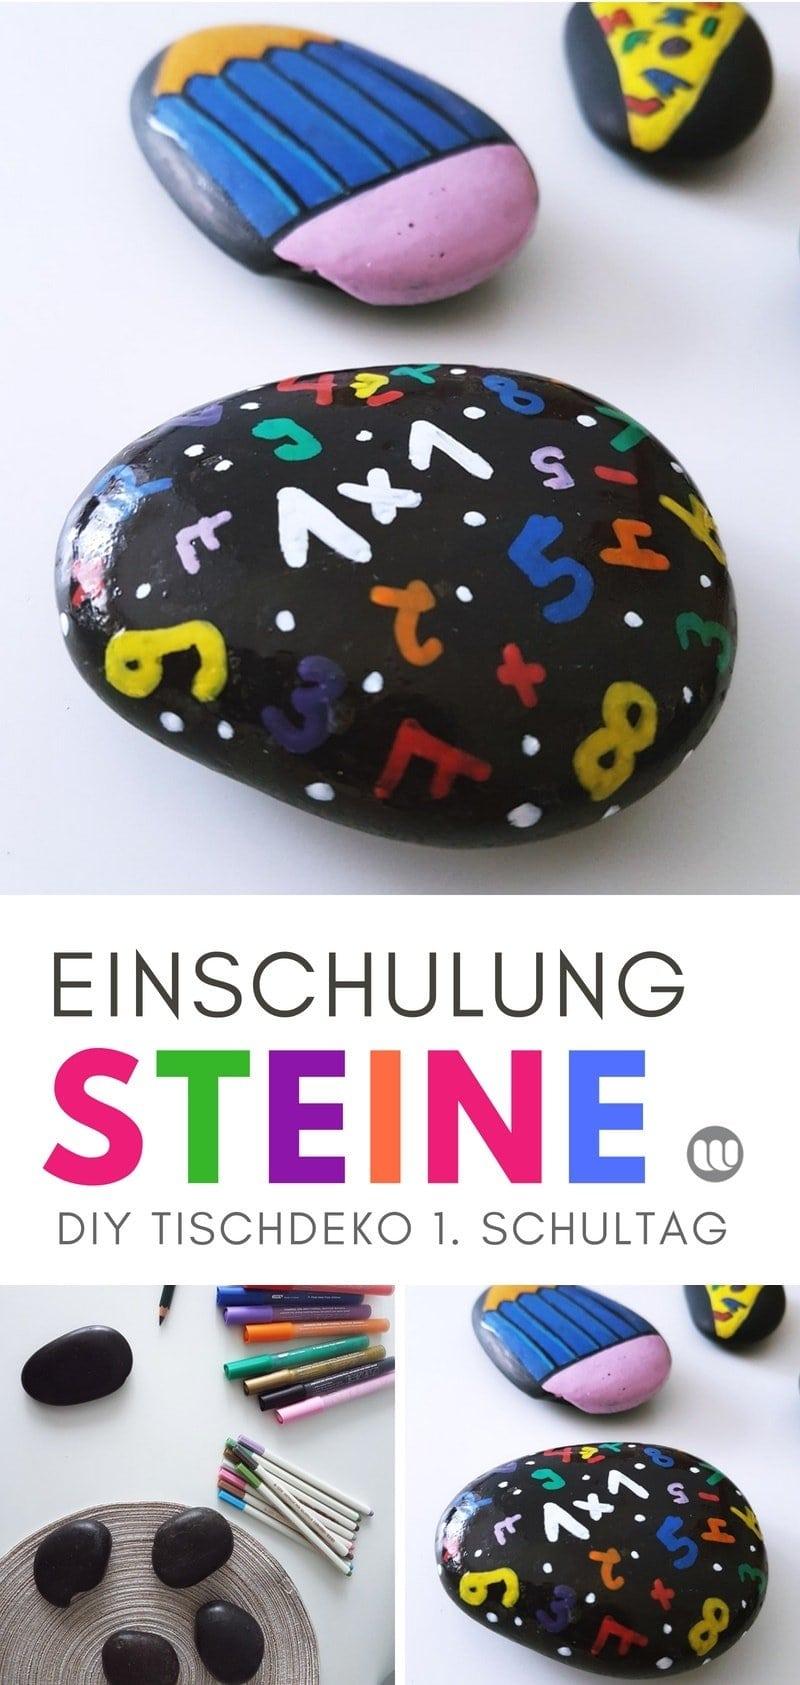 DIY Deko Idee zur Einschulung: Steine bemalen mit Schule Motiv. Schultüte, Zahlen, ABC, Stifte